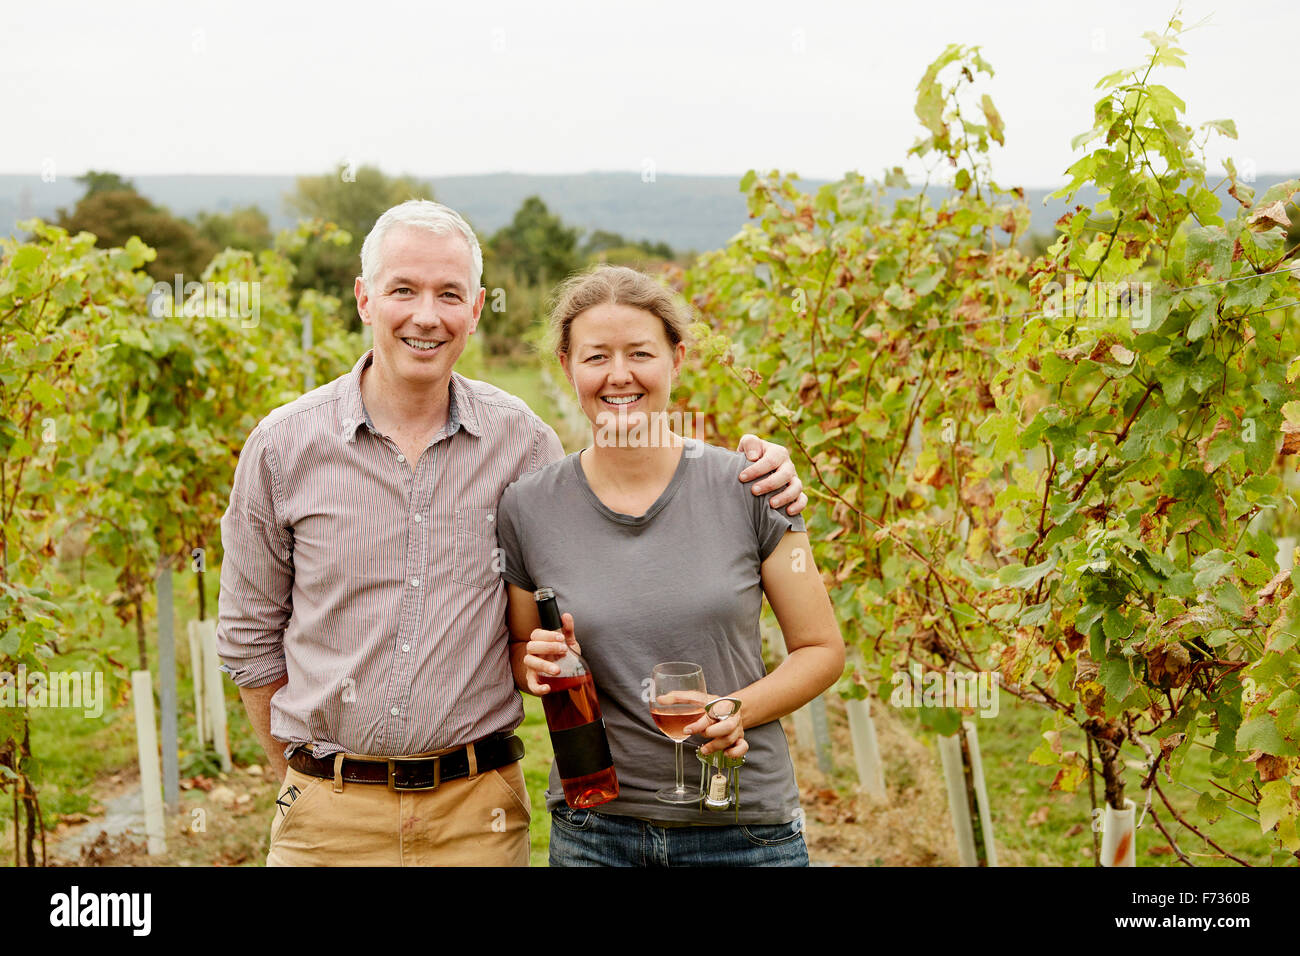 Un couple, fondateur du vignoble et son partenaire debout entre les rangées de vignes. Photo Stock